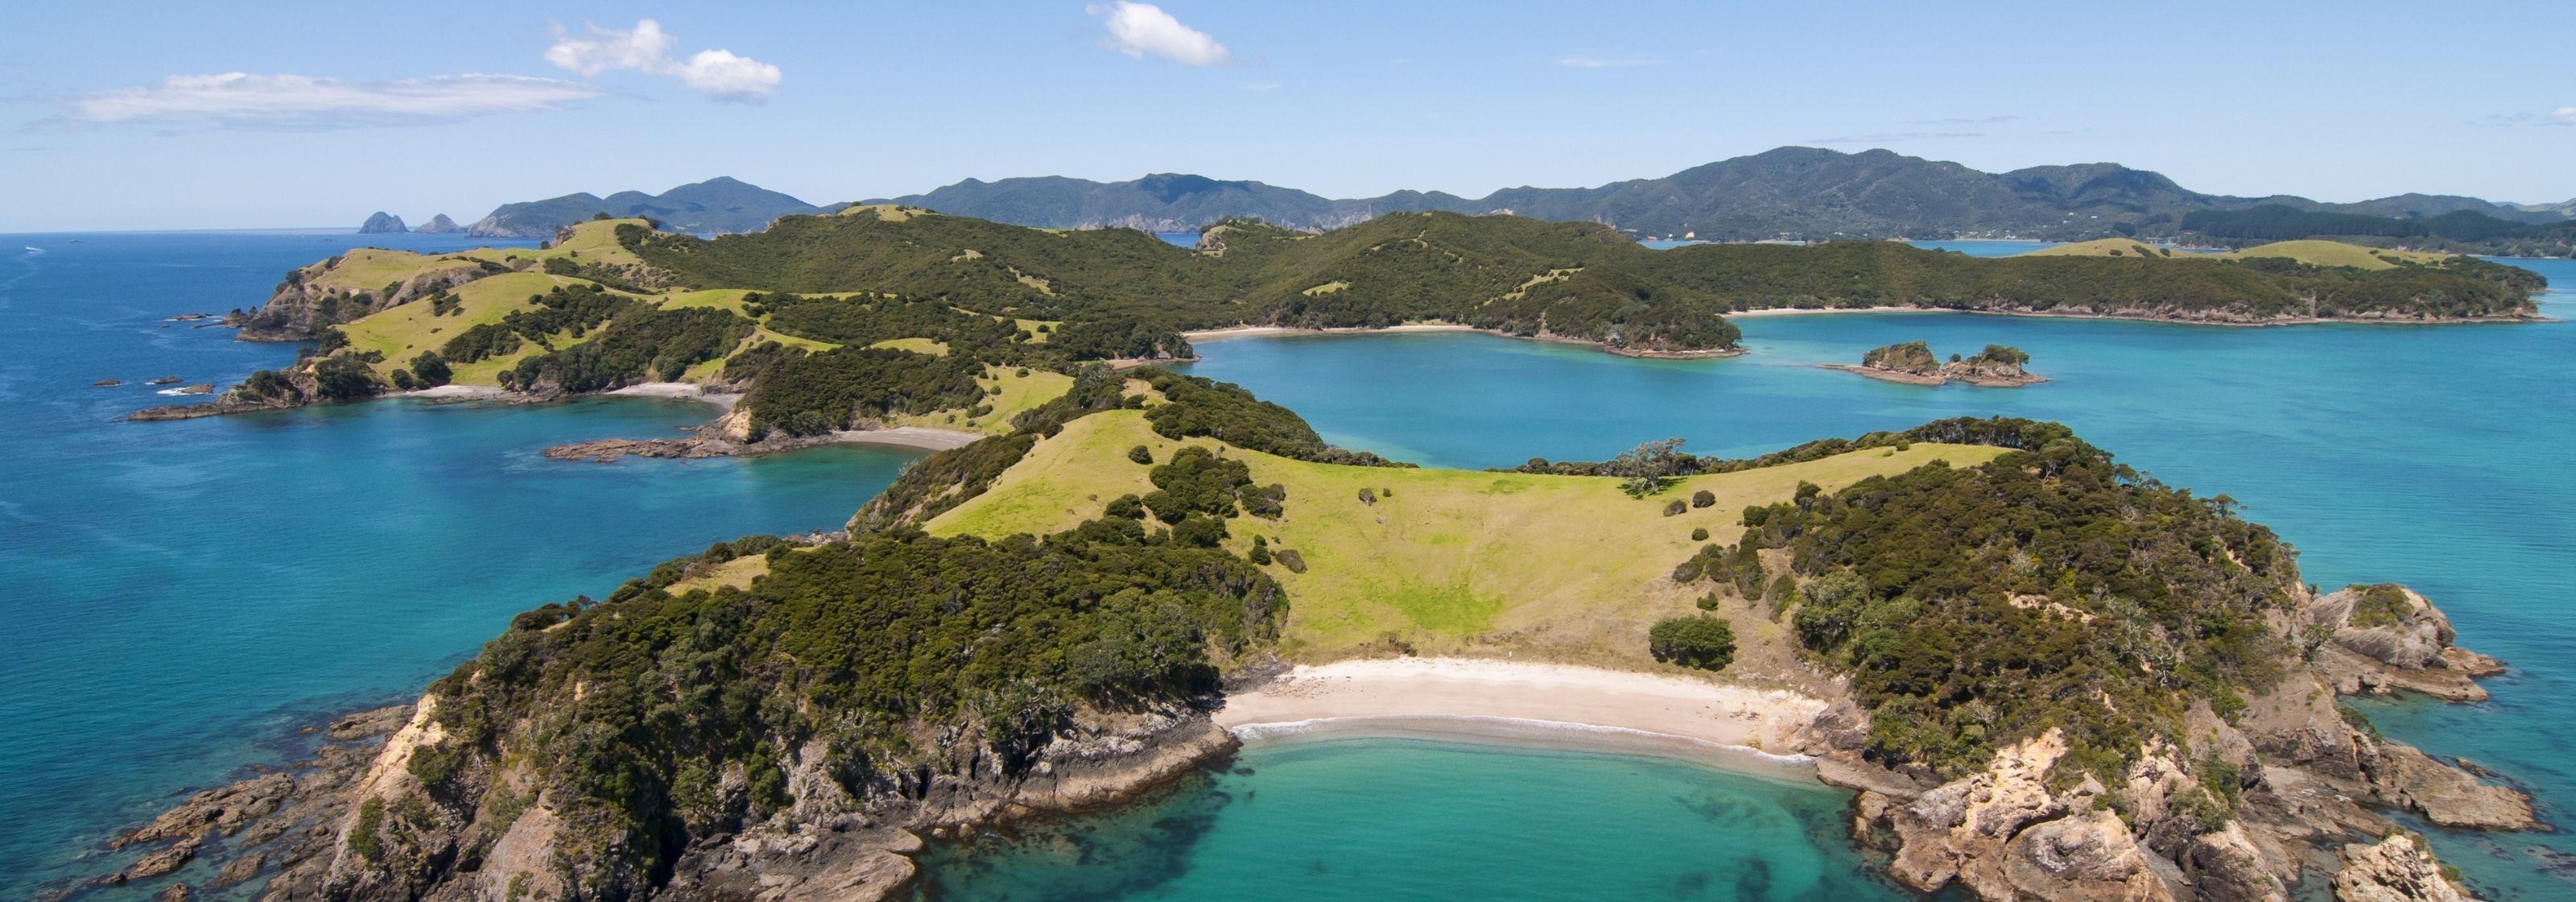 Aktivitäten in Bay of Islands